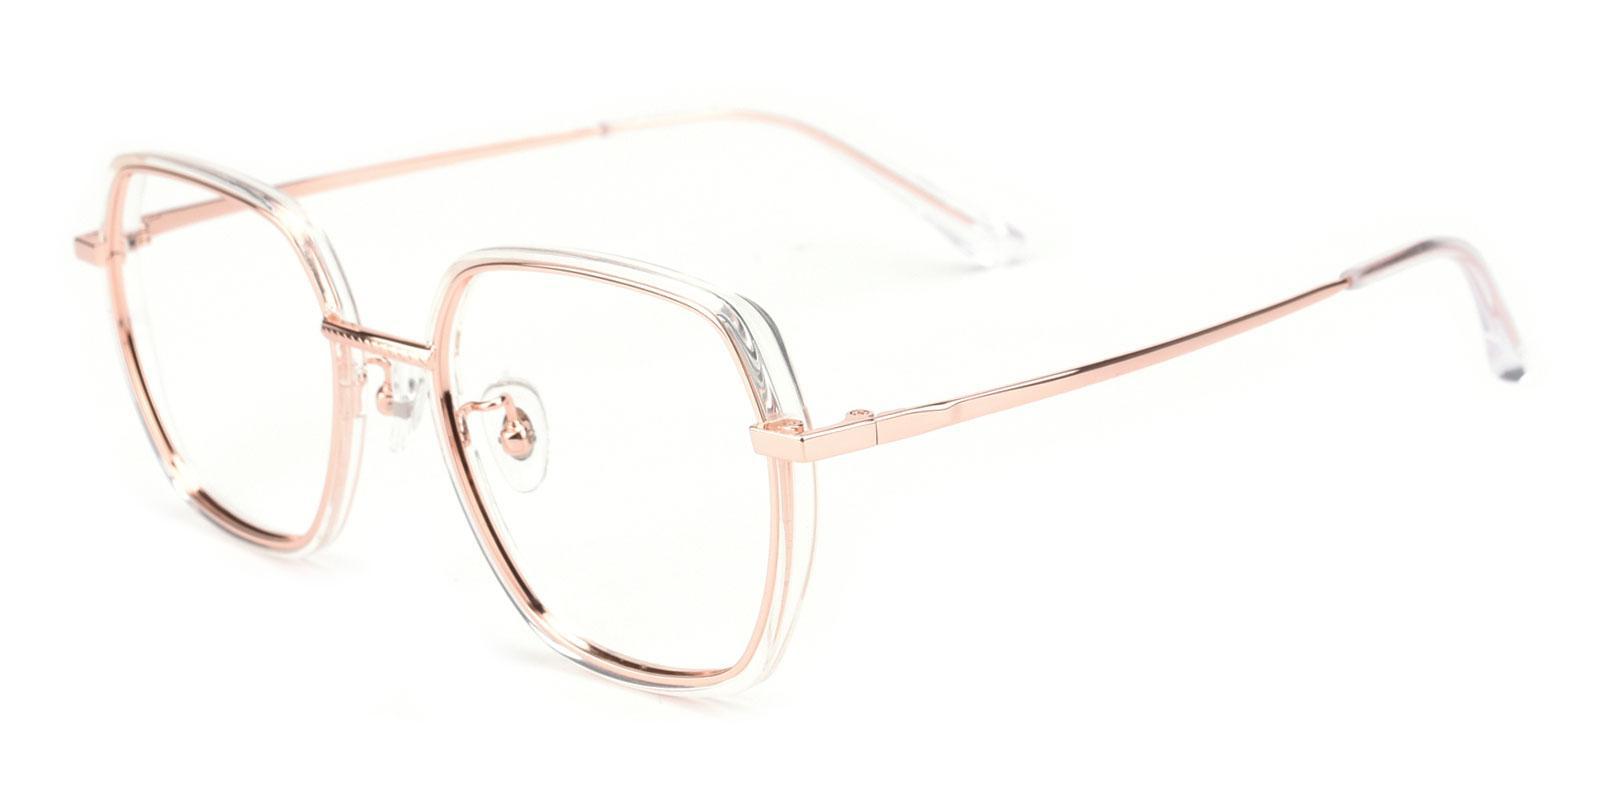 Leo-Translucent-Square-Titanium-Eyeglasses-detail